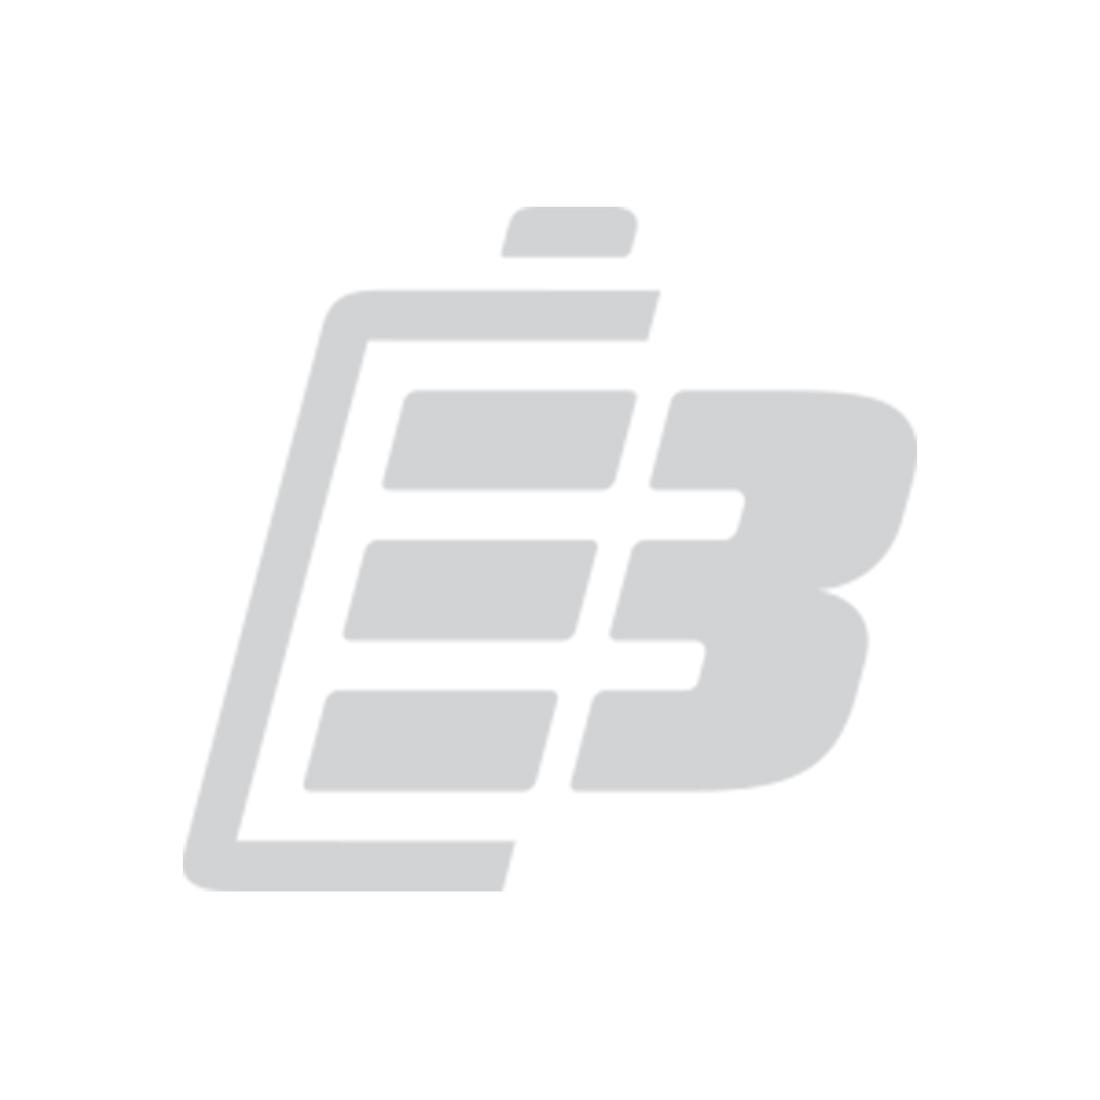 Μπαταρία ηλεκτρικού εργαλείου AEG 12V 2.0Ah_1